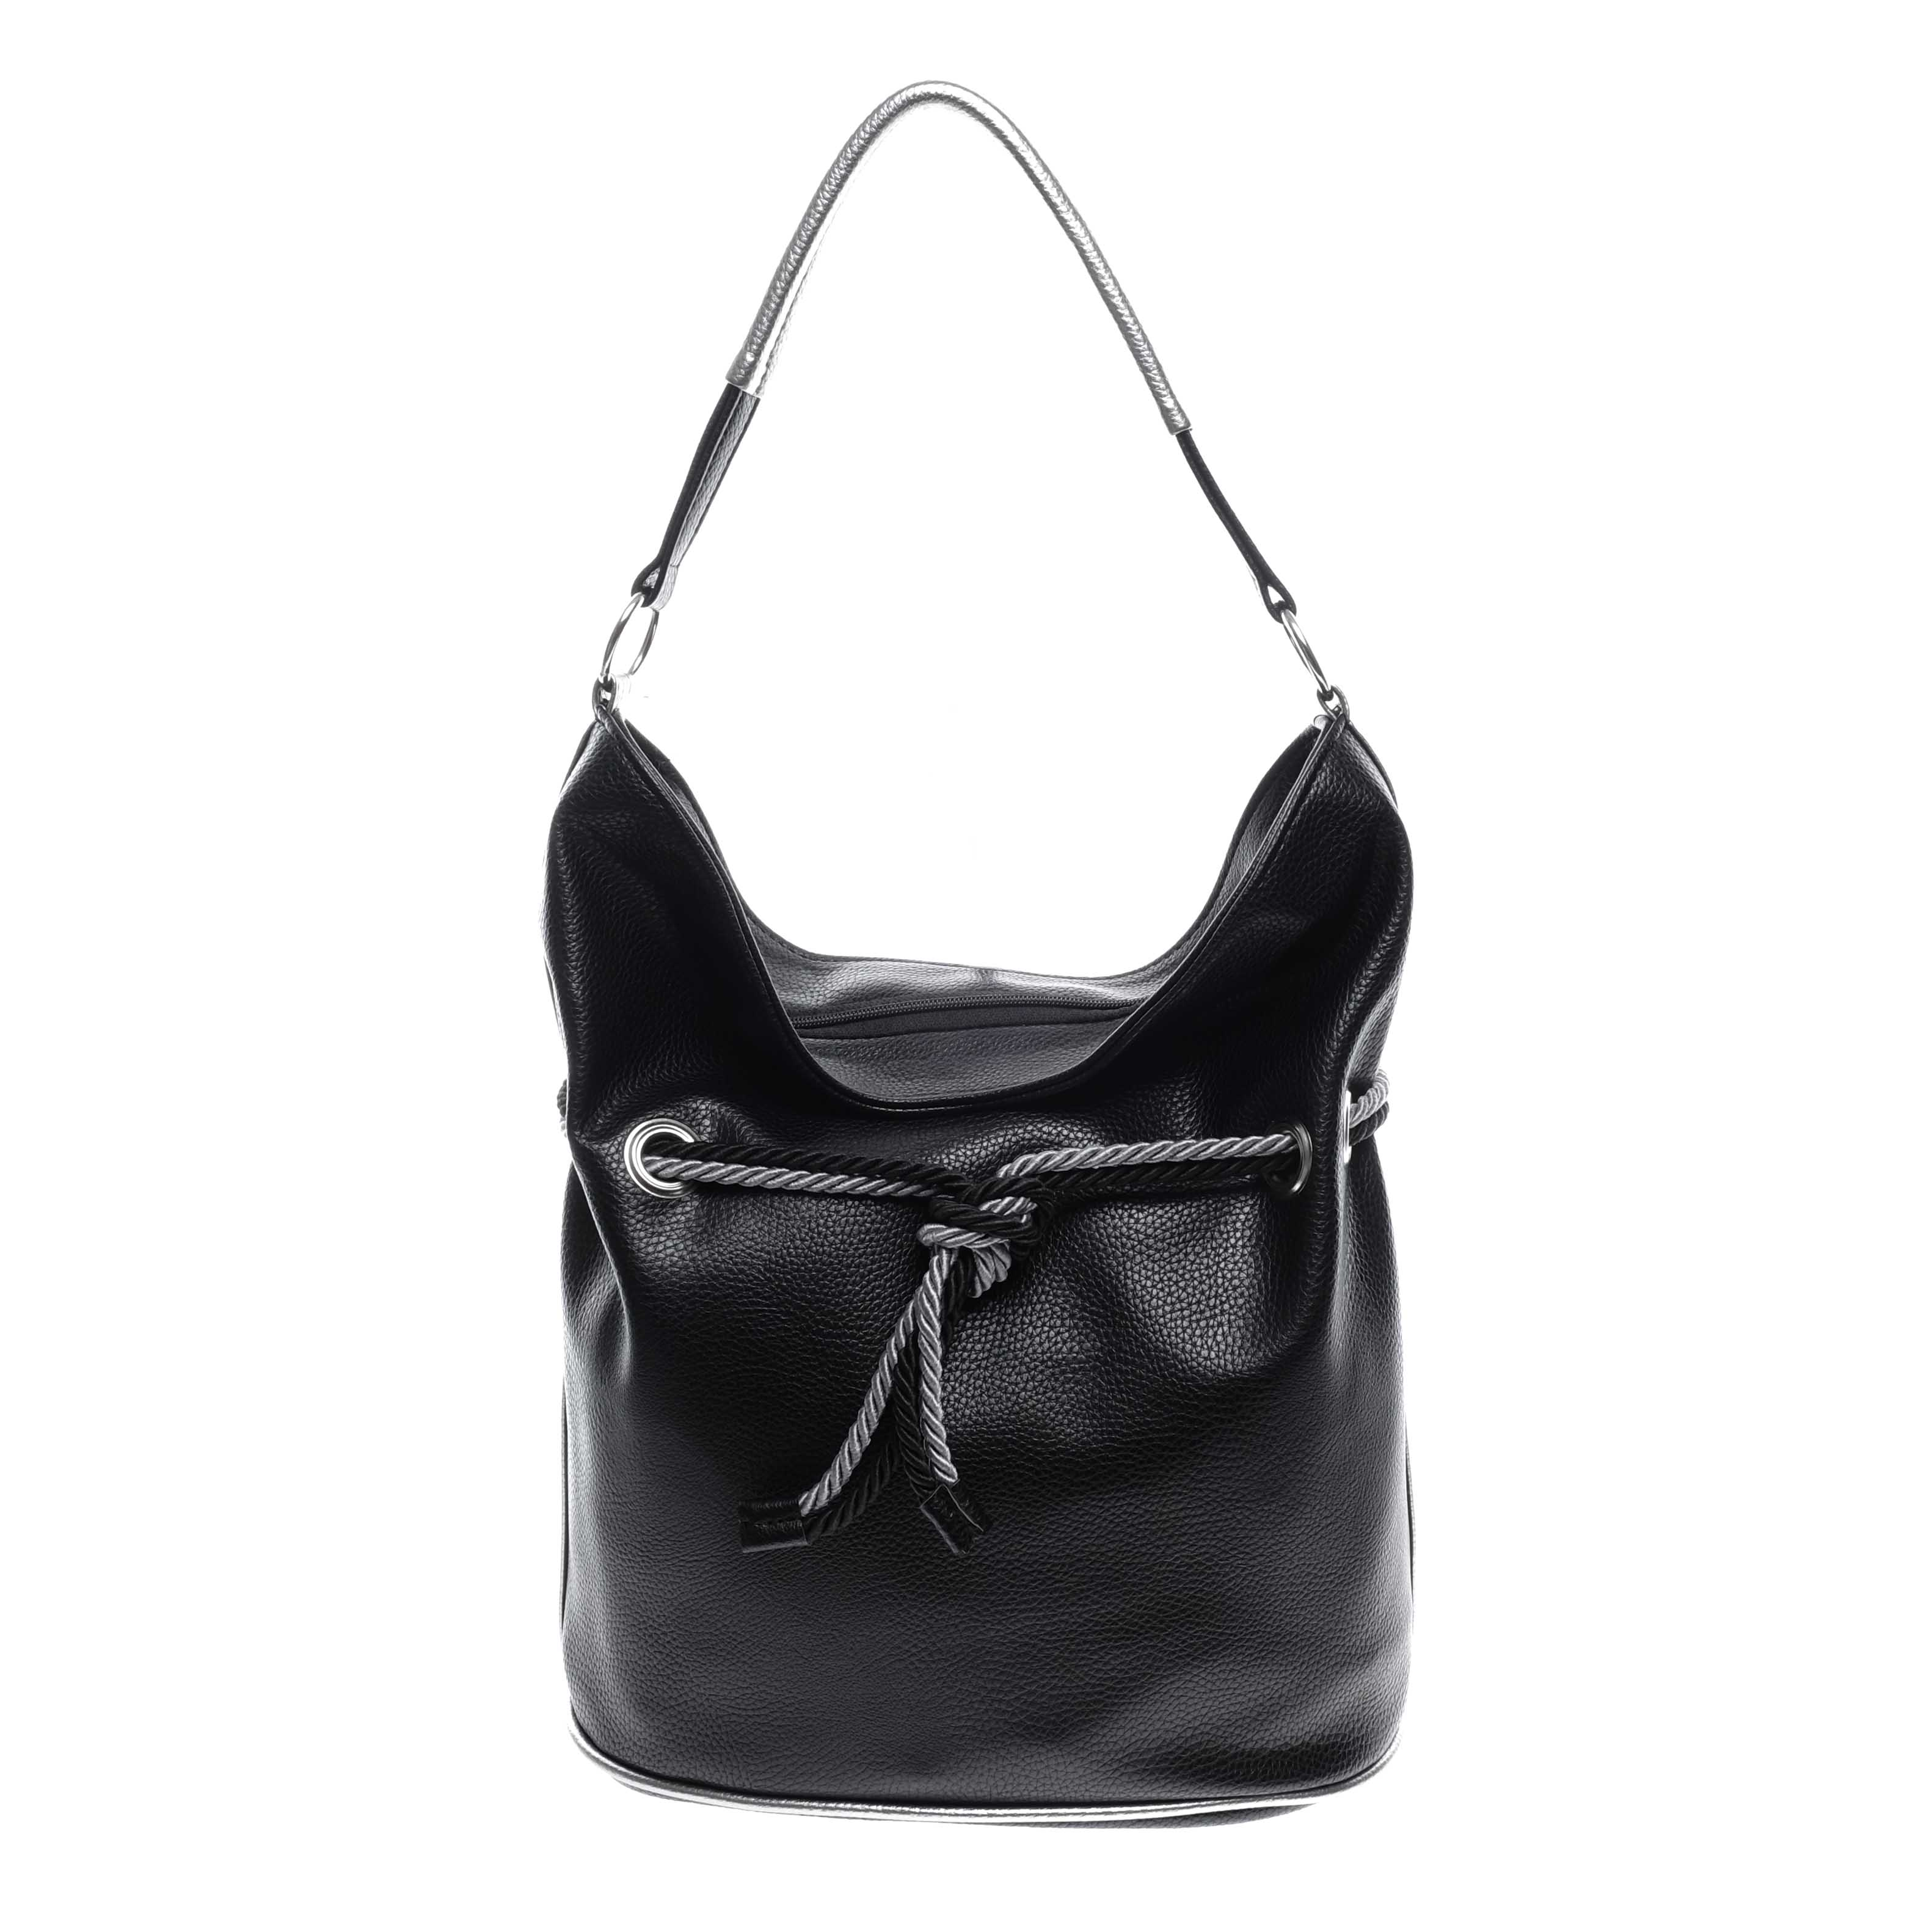 Prestige fekete ezüst Női Rostbőr Válltáska - Válltáskák - Táska webáruház  - Minőségi táskák mindenkinek 247d7ea7e1